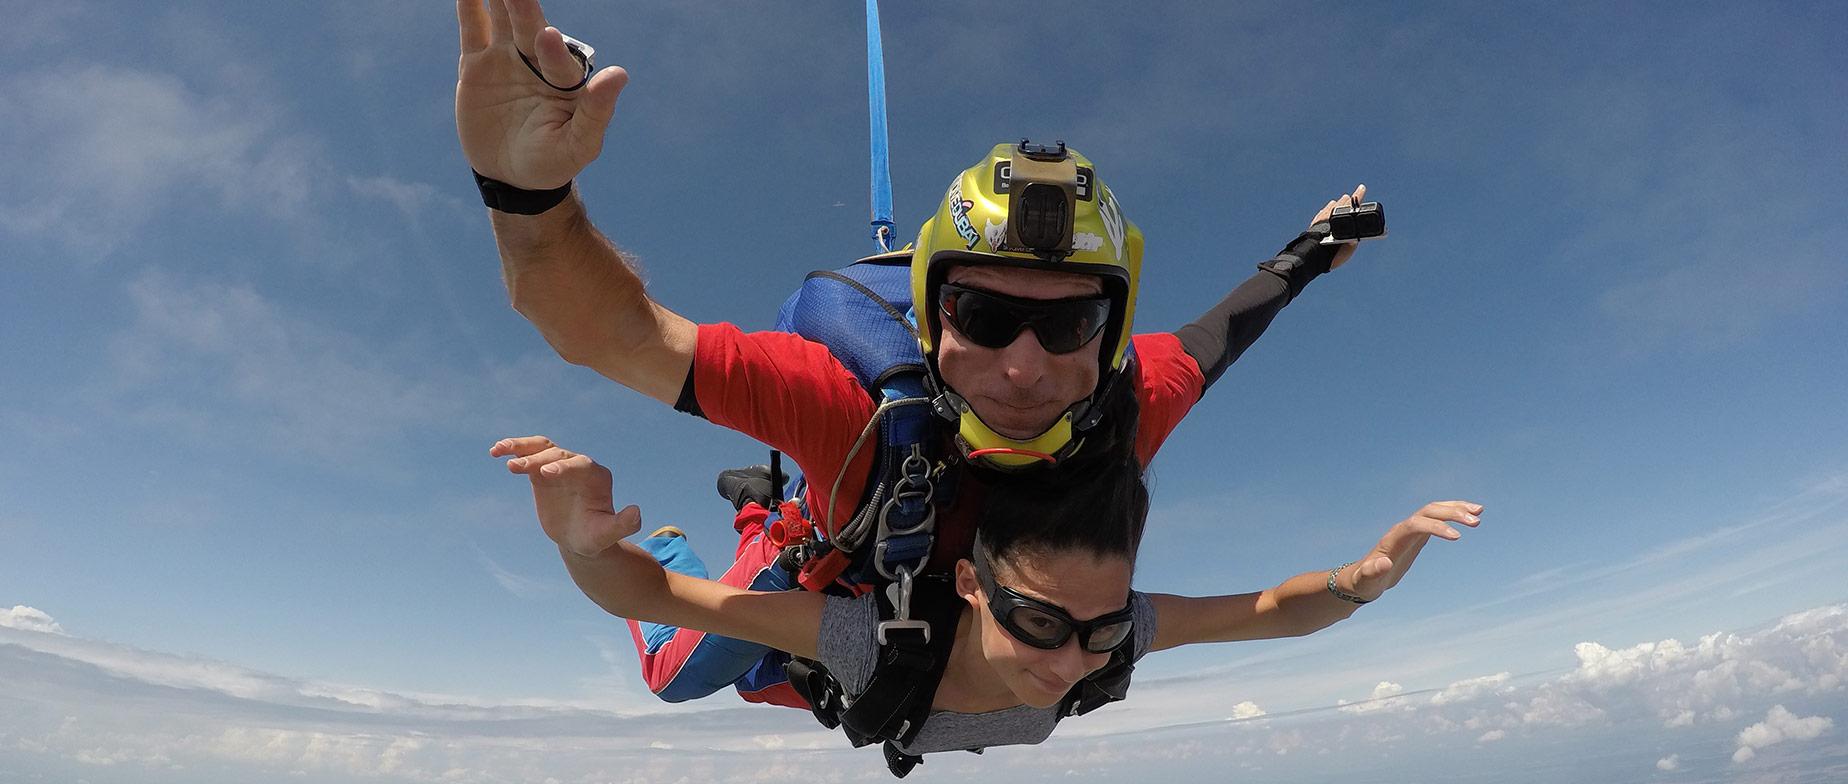 Tandemugrás 3500 méter magasból